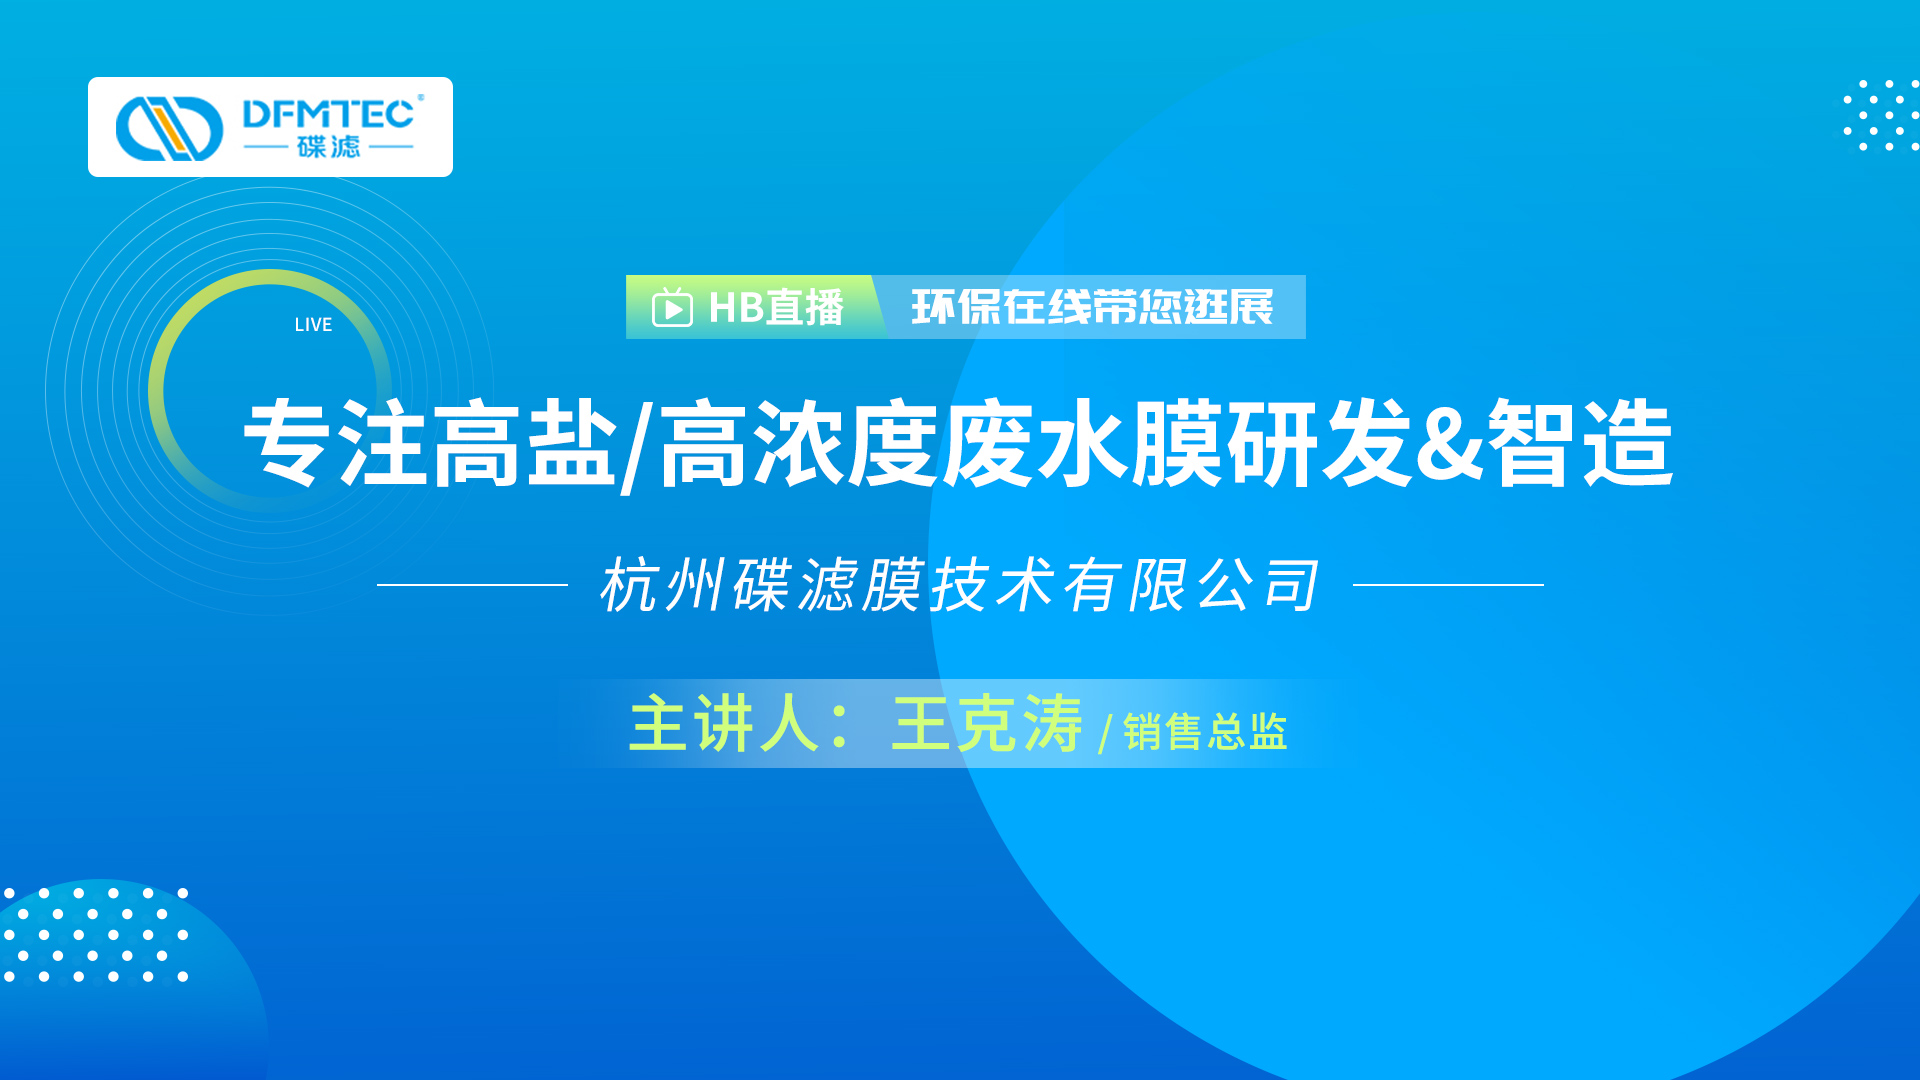 展位号W4馆C43! 杭州碟滤膜技术有限公司携DTRO膜亮相环博会